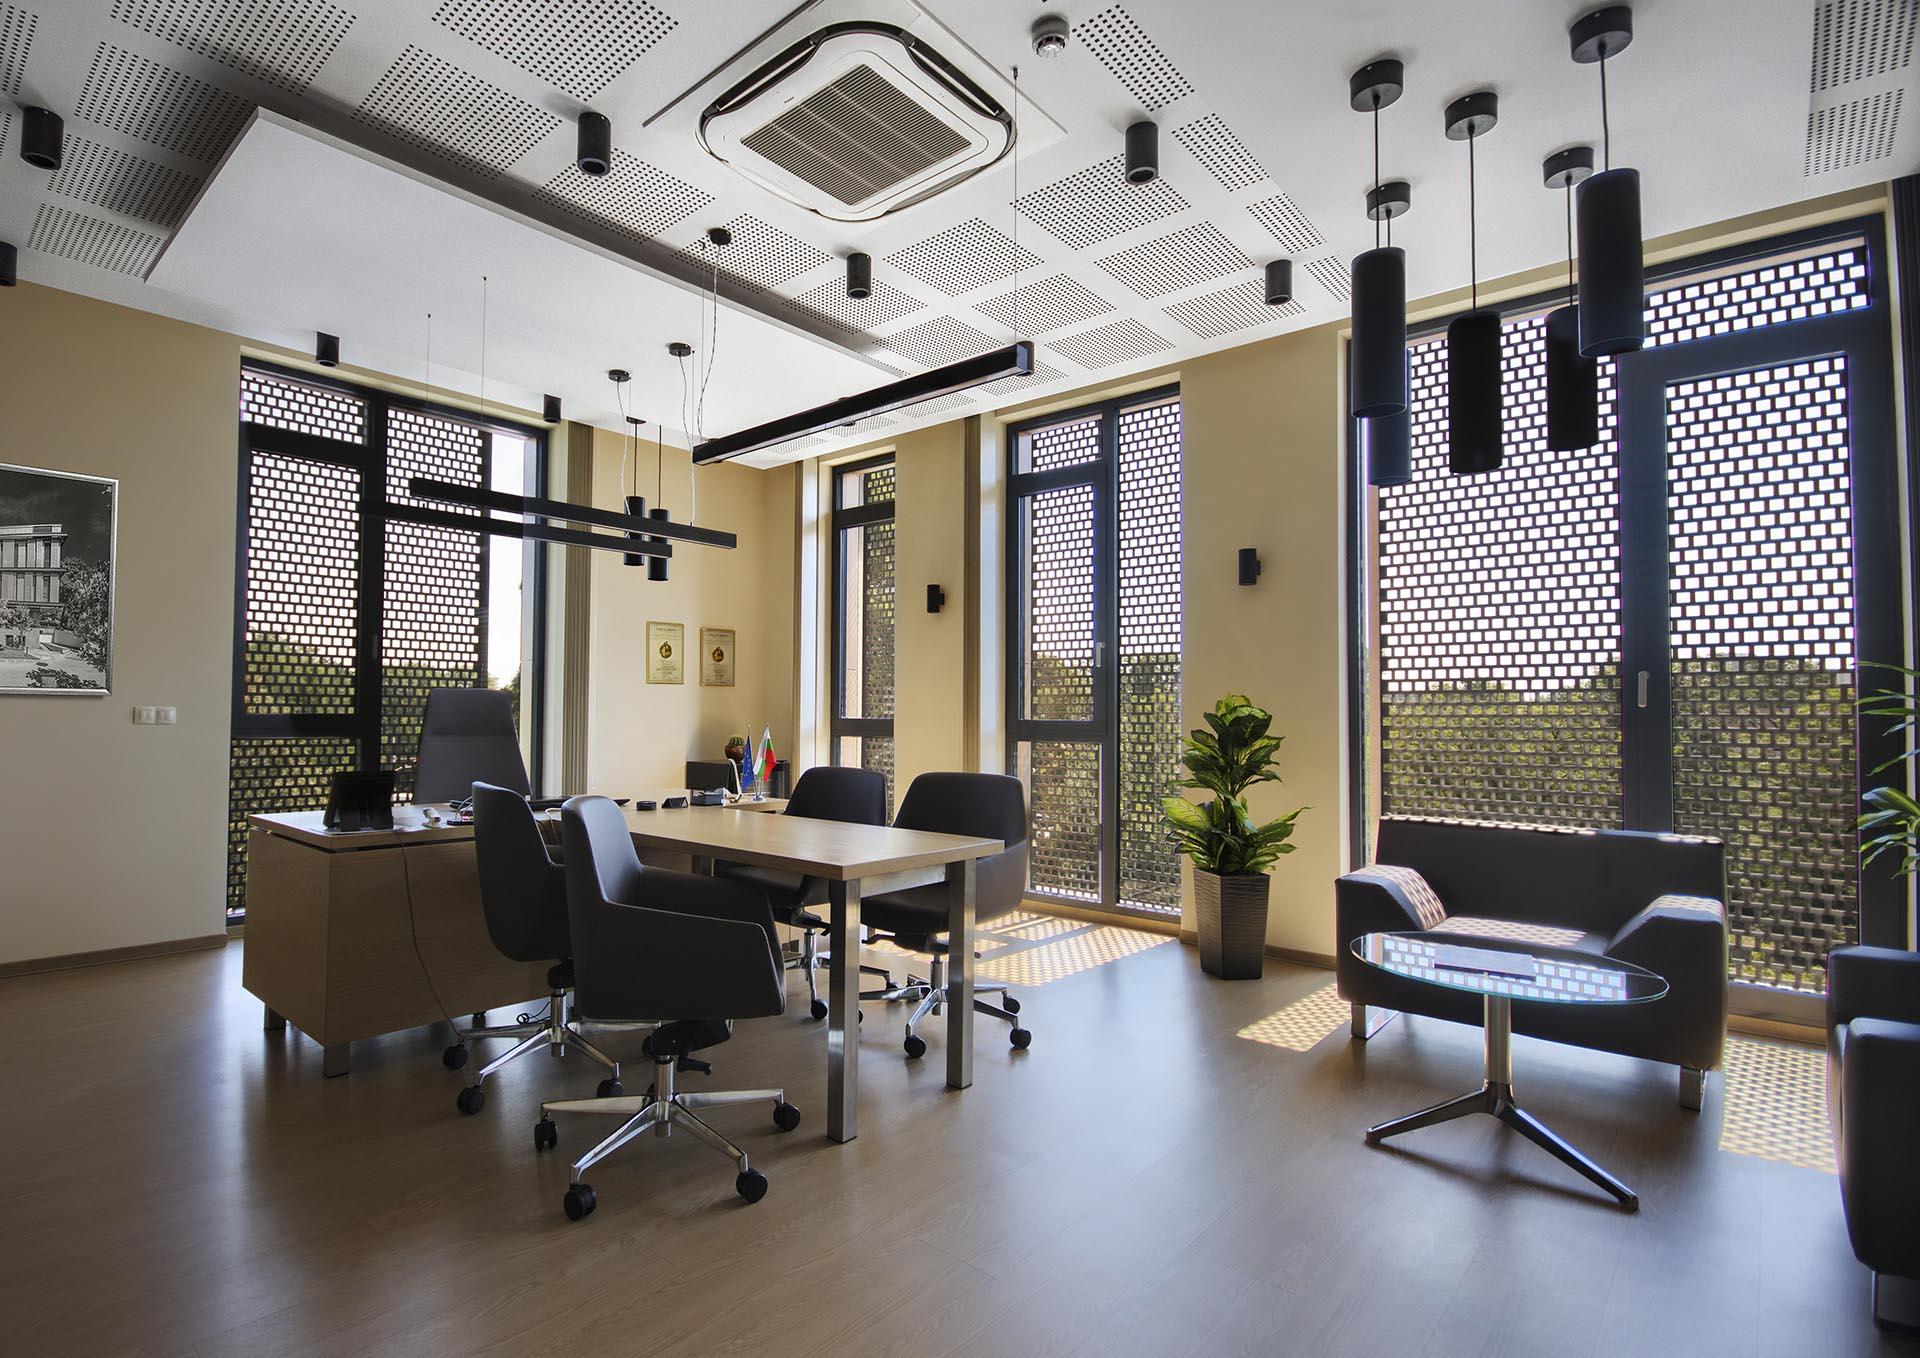 Mr. Kalistratov's Office